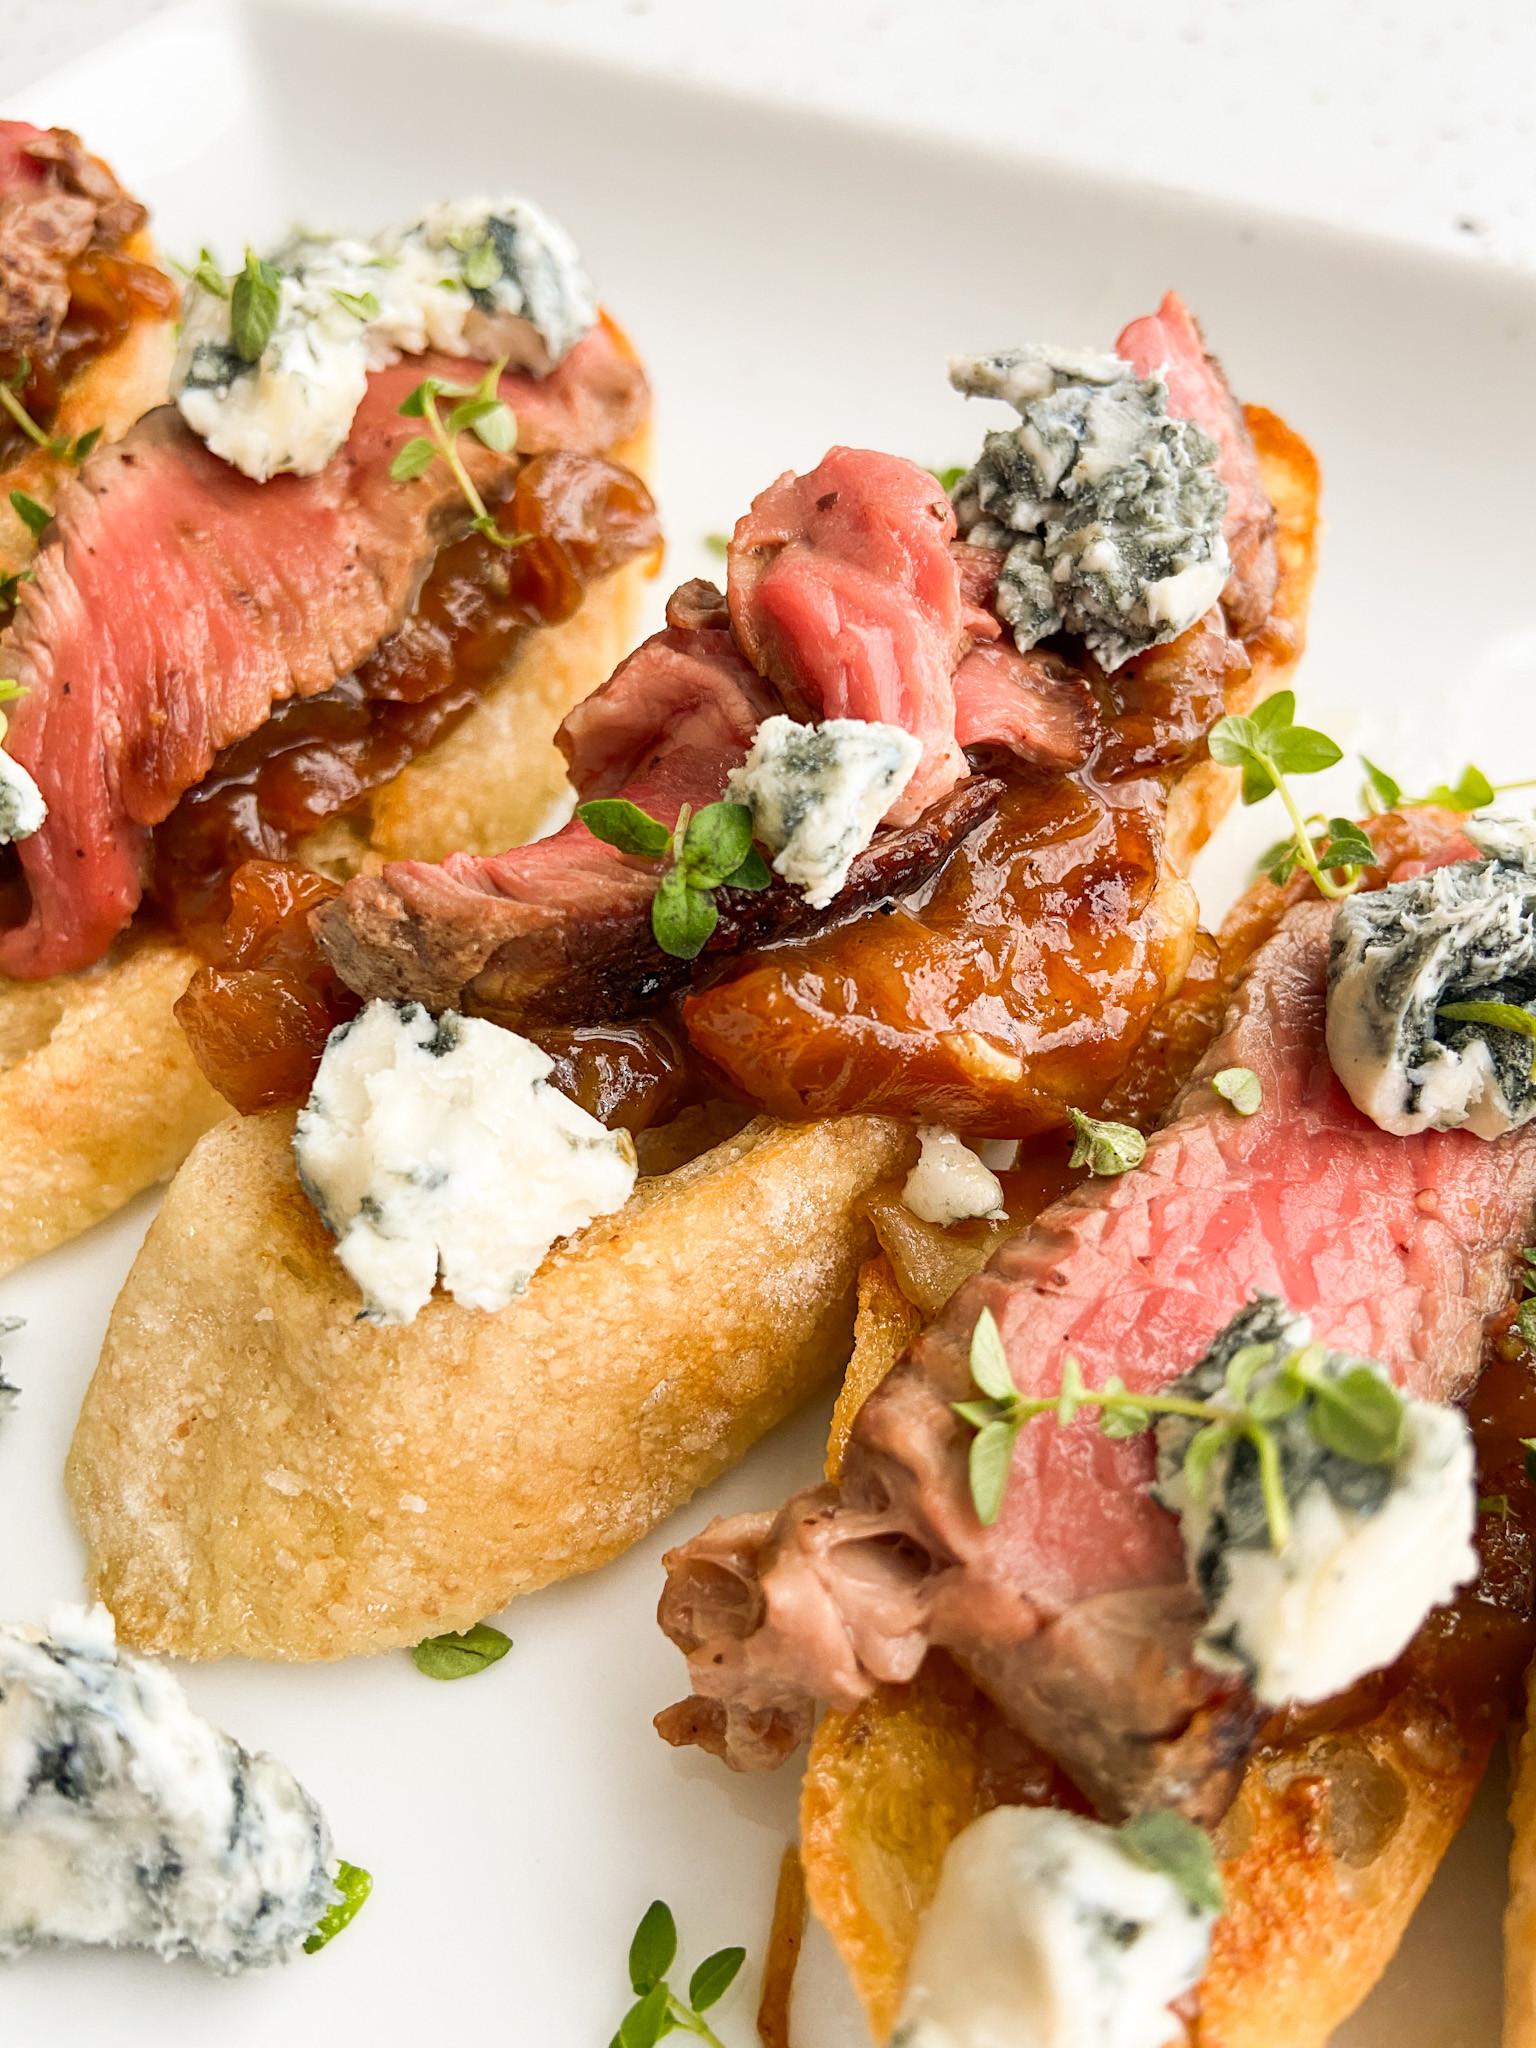 Caramelized Onion & Steak Crostini Class